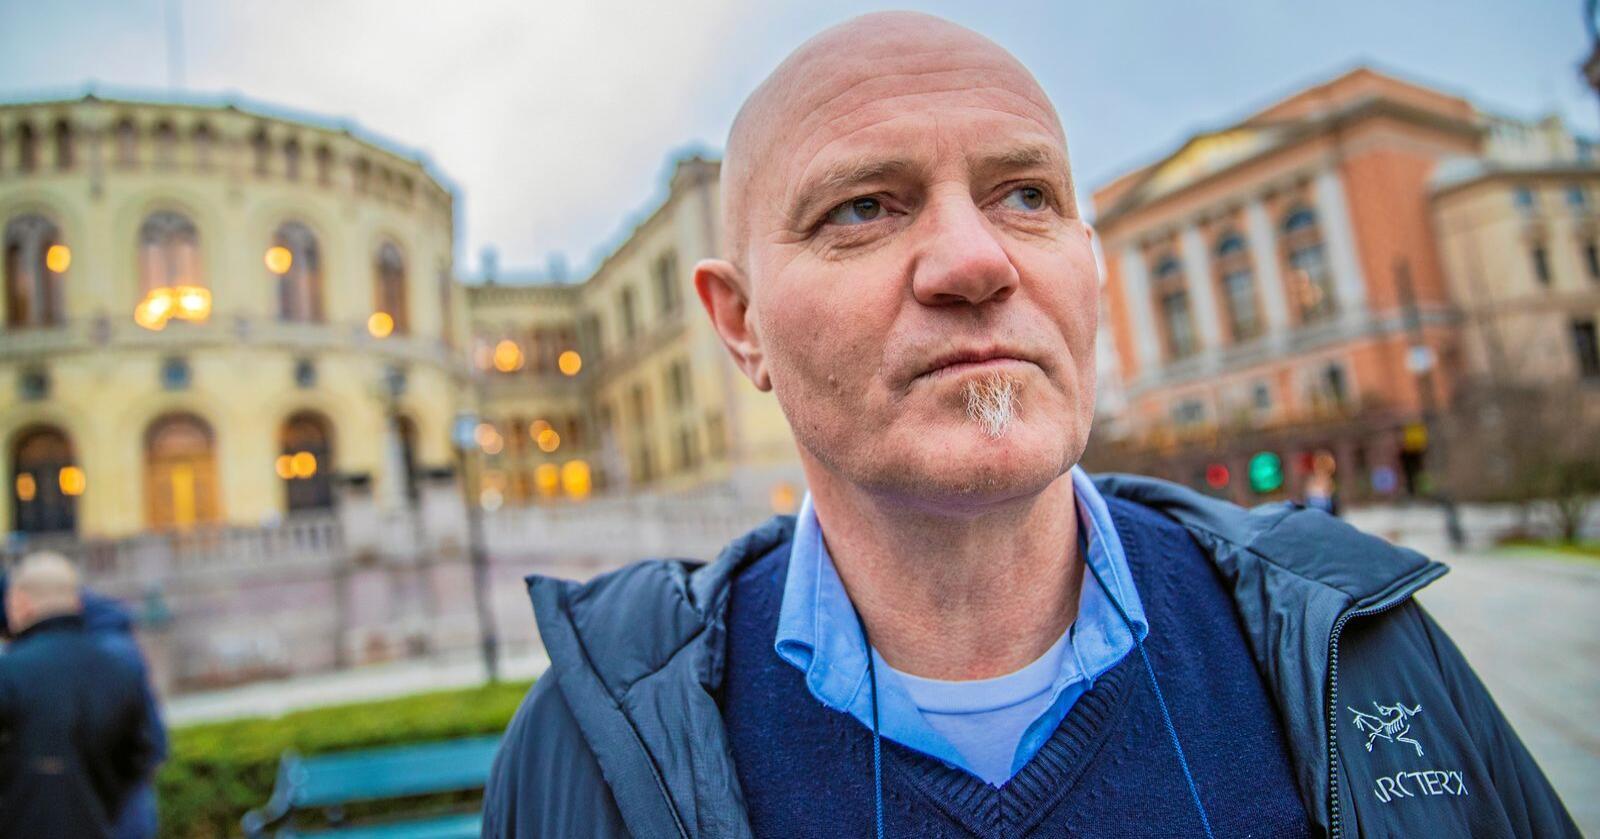 Øystein Storholm (57) mener han er for gammel til å begynne å ta utdanning nå, etter å ha vært pelsprodusent i 44 år. Derfor er også frustrasjonen stor over at han ikke får omstillingsmidler til å omstille seg innenfor et felt han allerede har kunnskap om og utstyr til. Foto: Stian Lysberg Solum / NTB scanpix